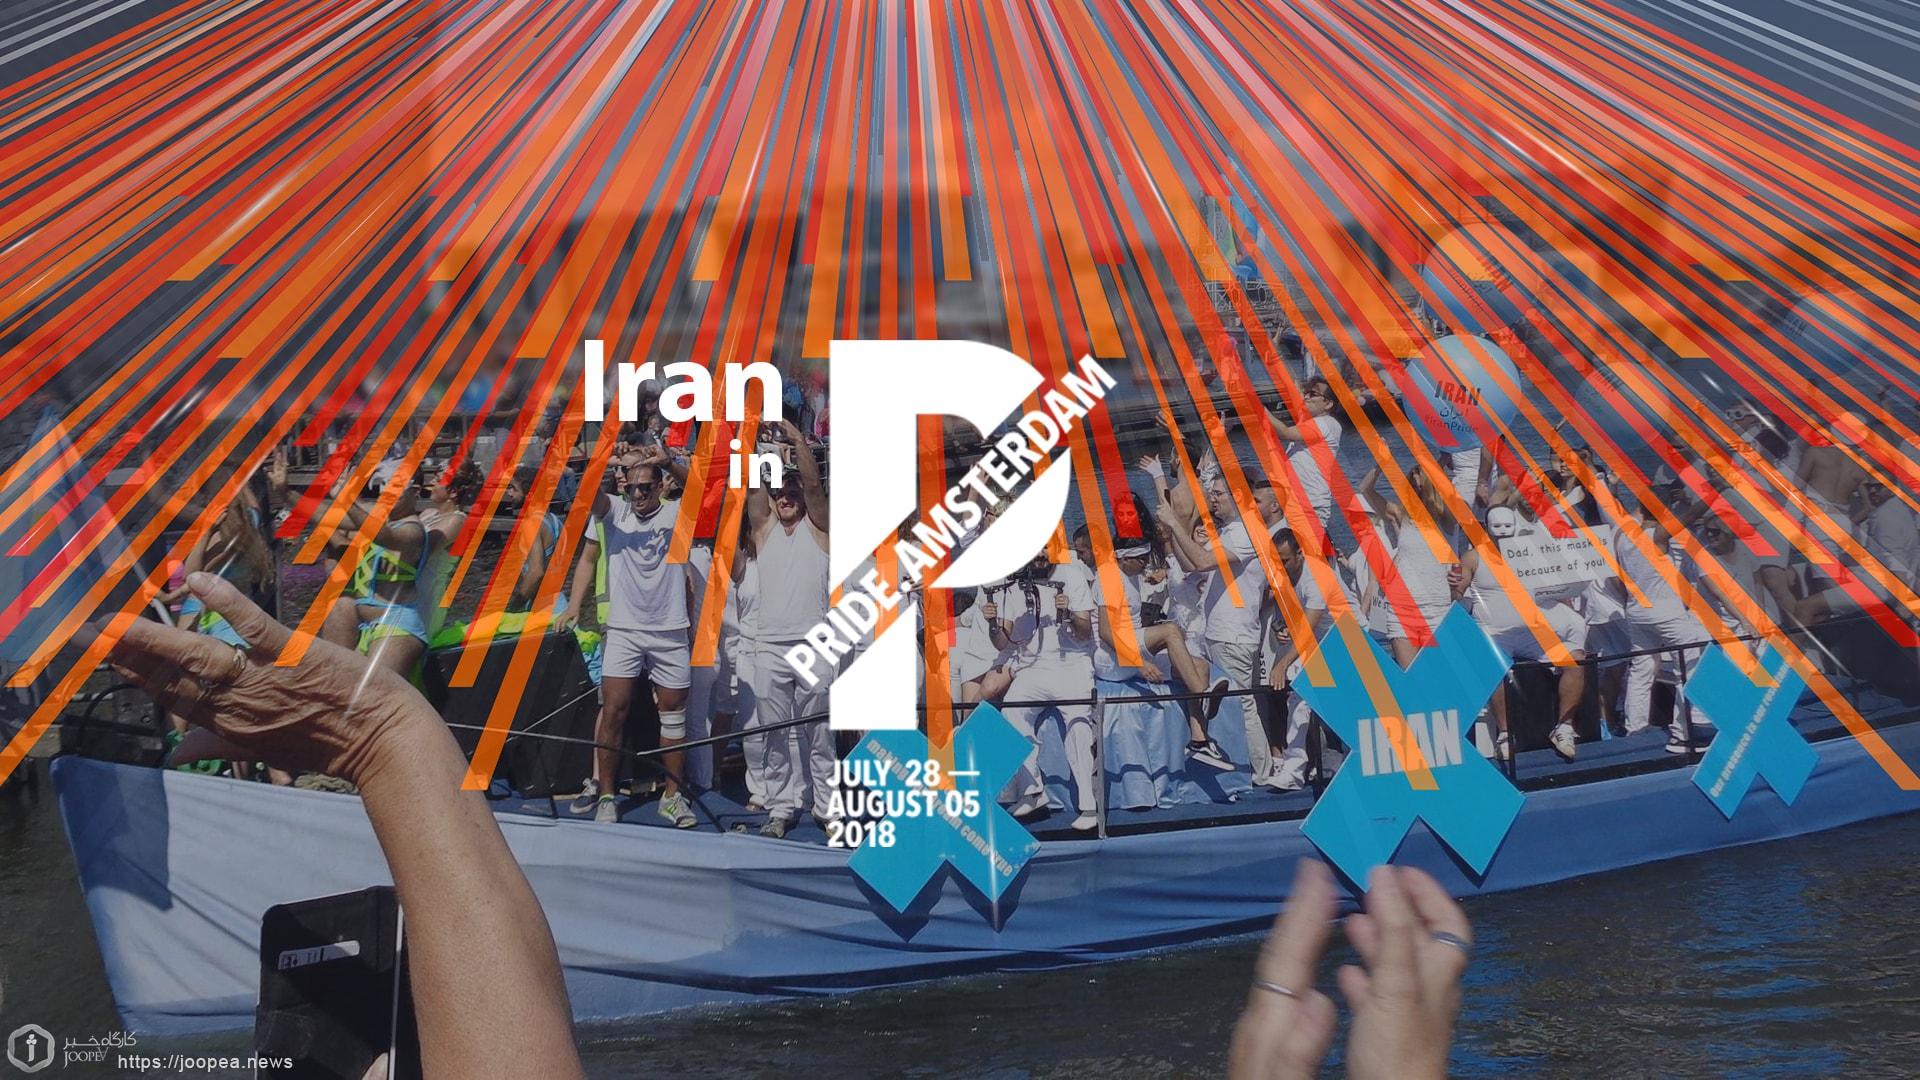 ایران در رژهی افتخار ۲۰۱۸ آمستردام